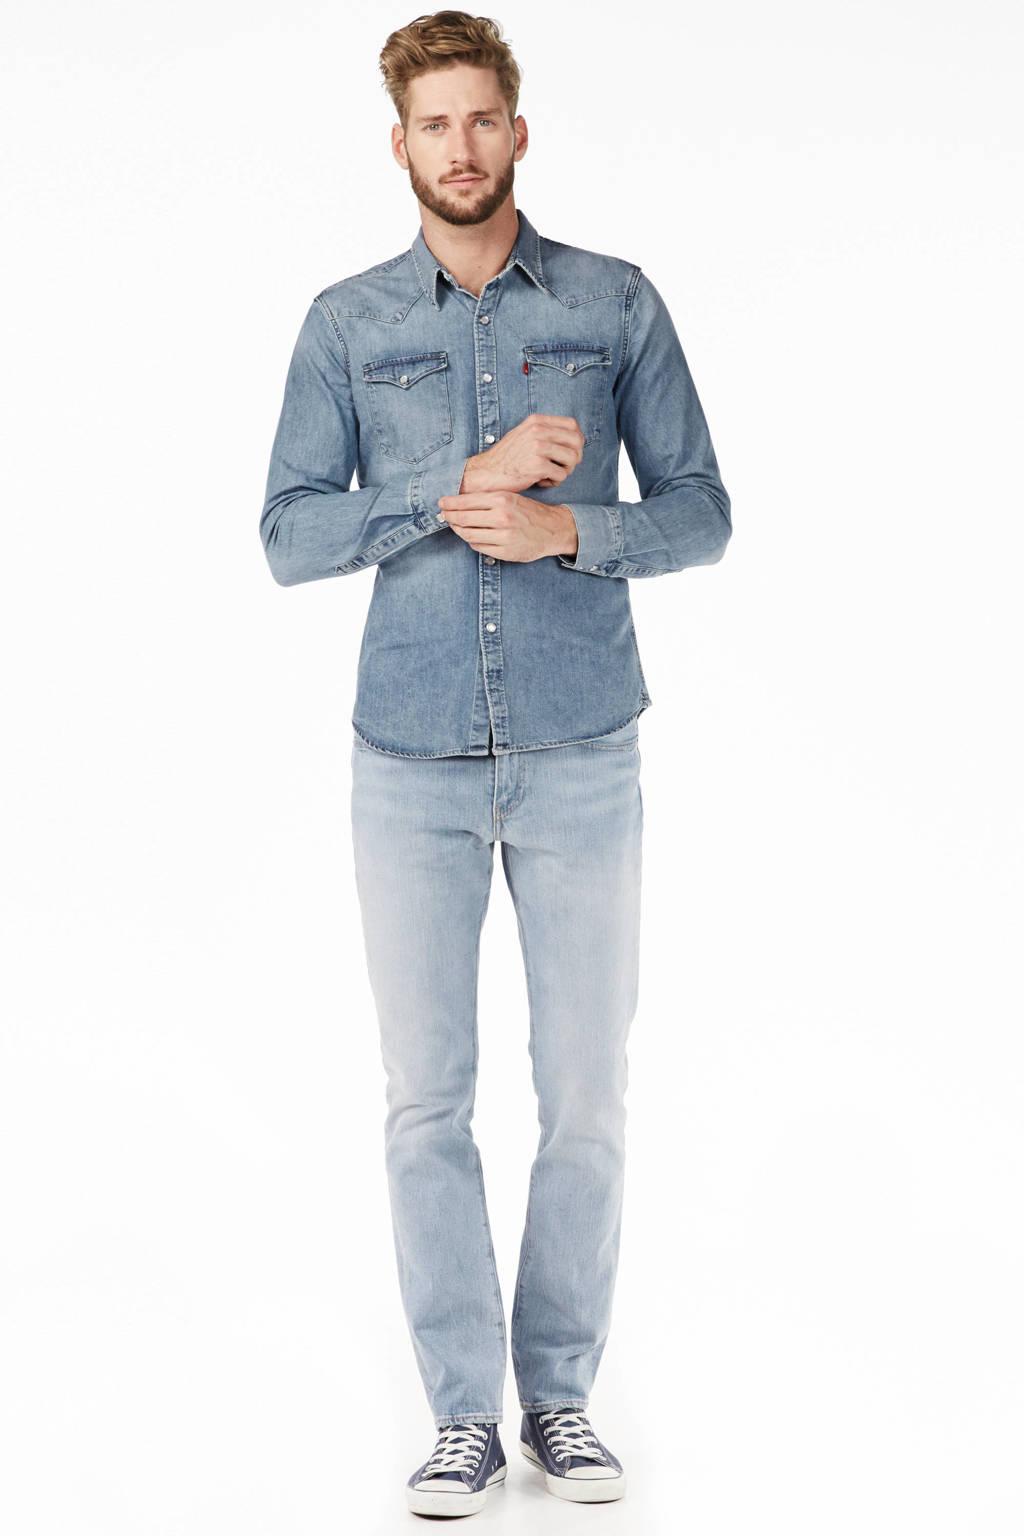 Heren Overhemd Met Drukknopen.Levi S Denim Overhemd Wehkamp